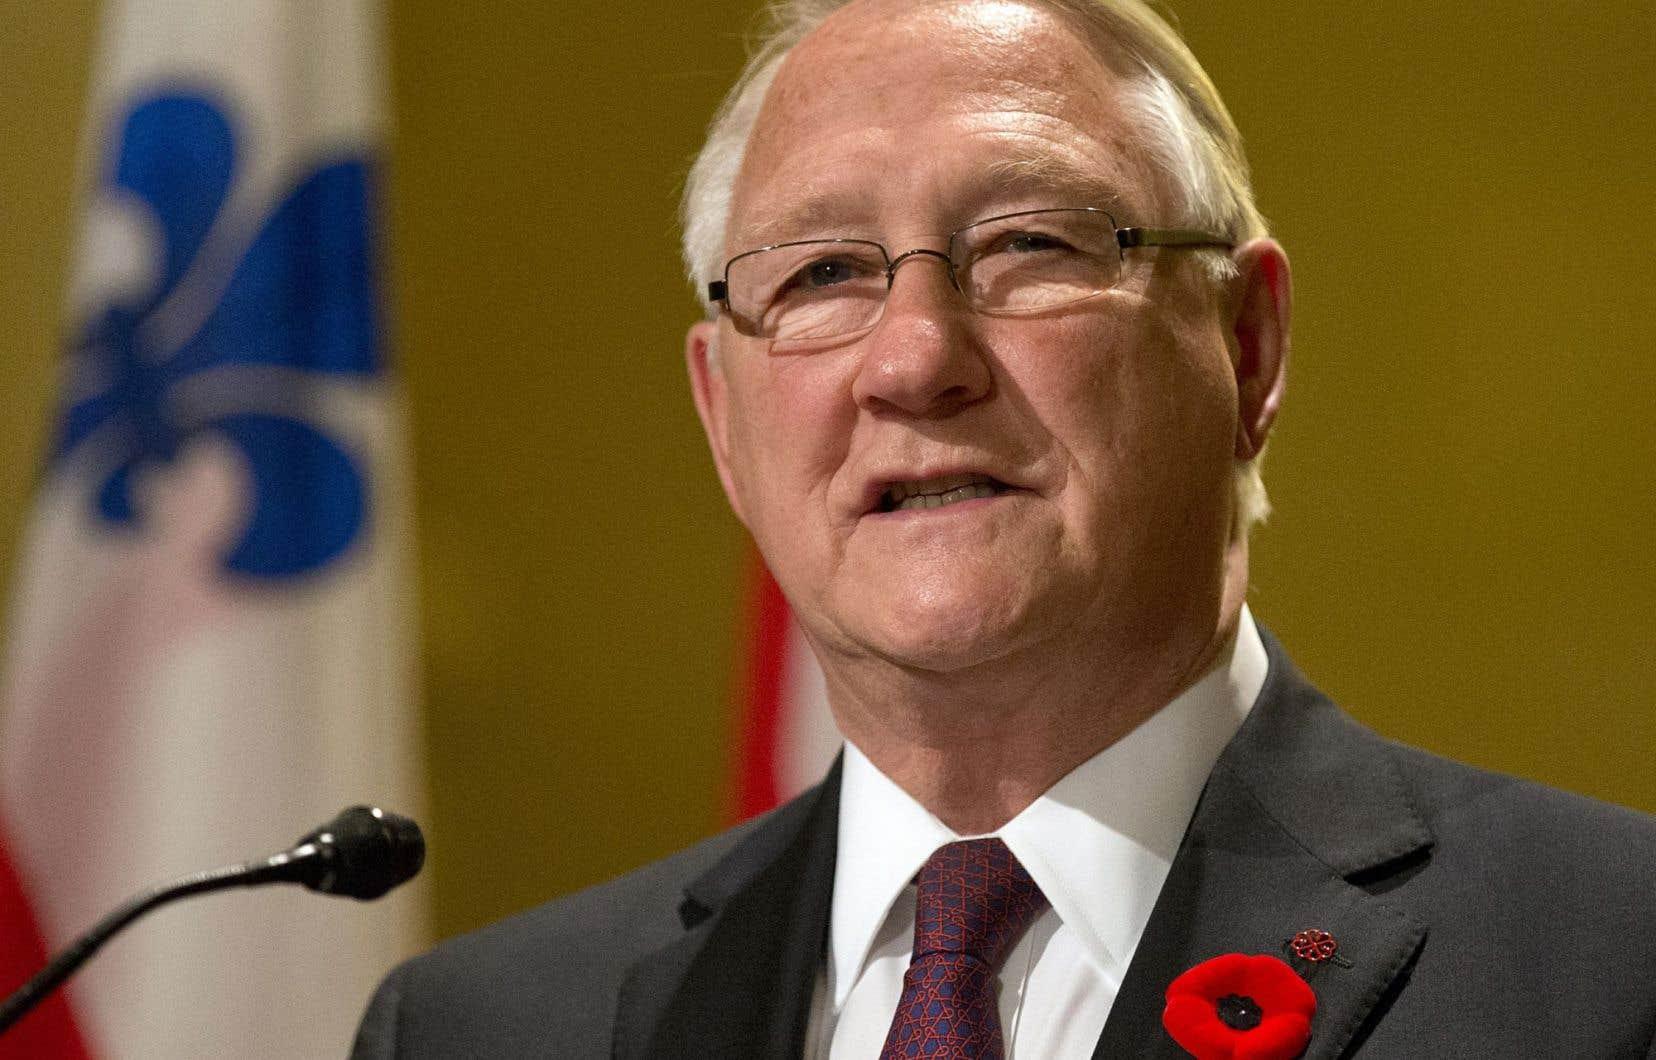 L'ancien maire de Montréal, Gérald Tremblay, a annoncé sa démission le 5 novembre 2012.